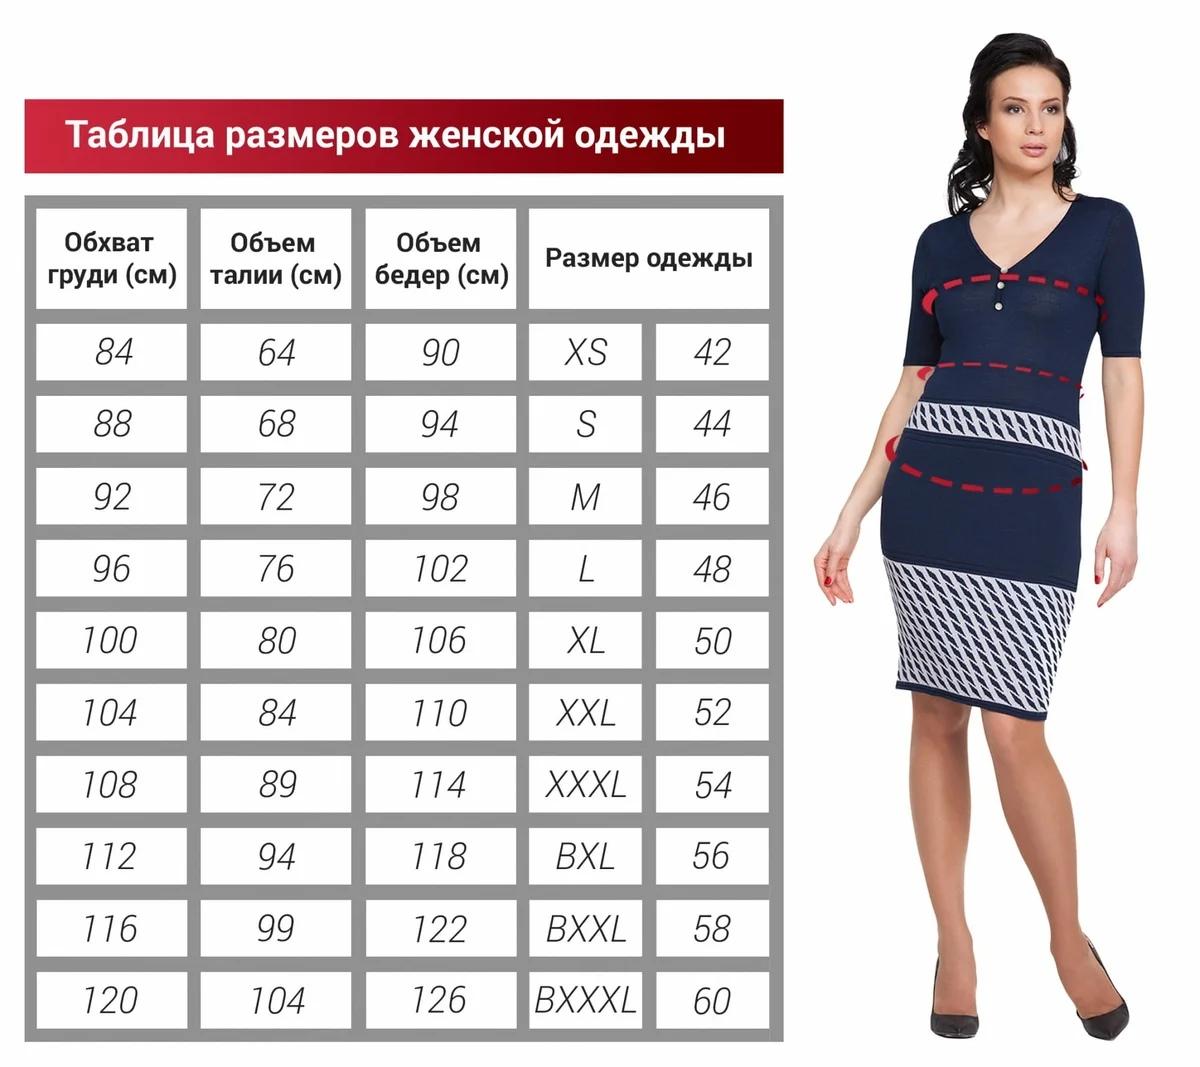 Размеры одежды для женщин